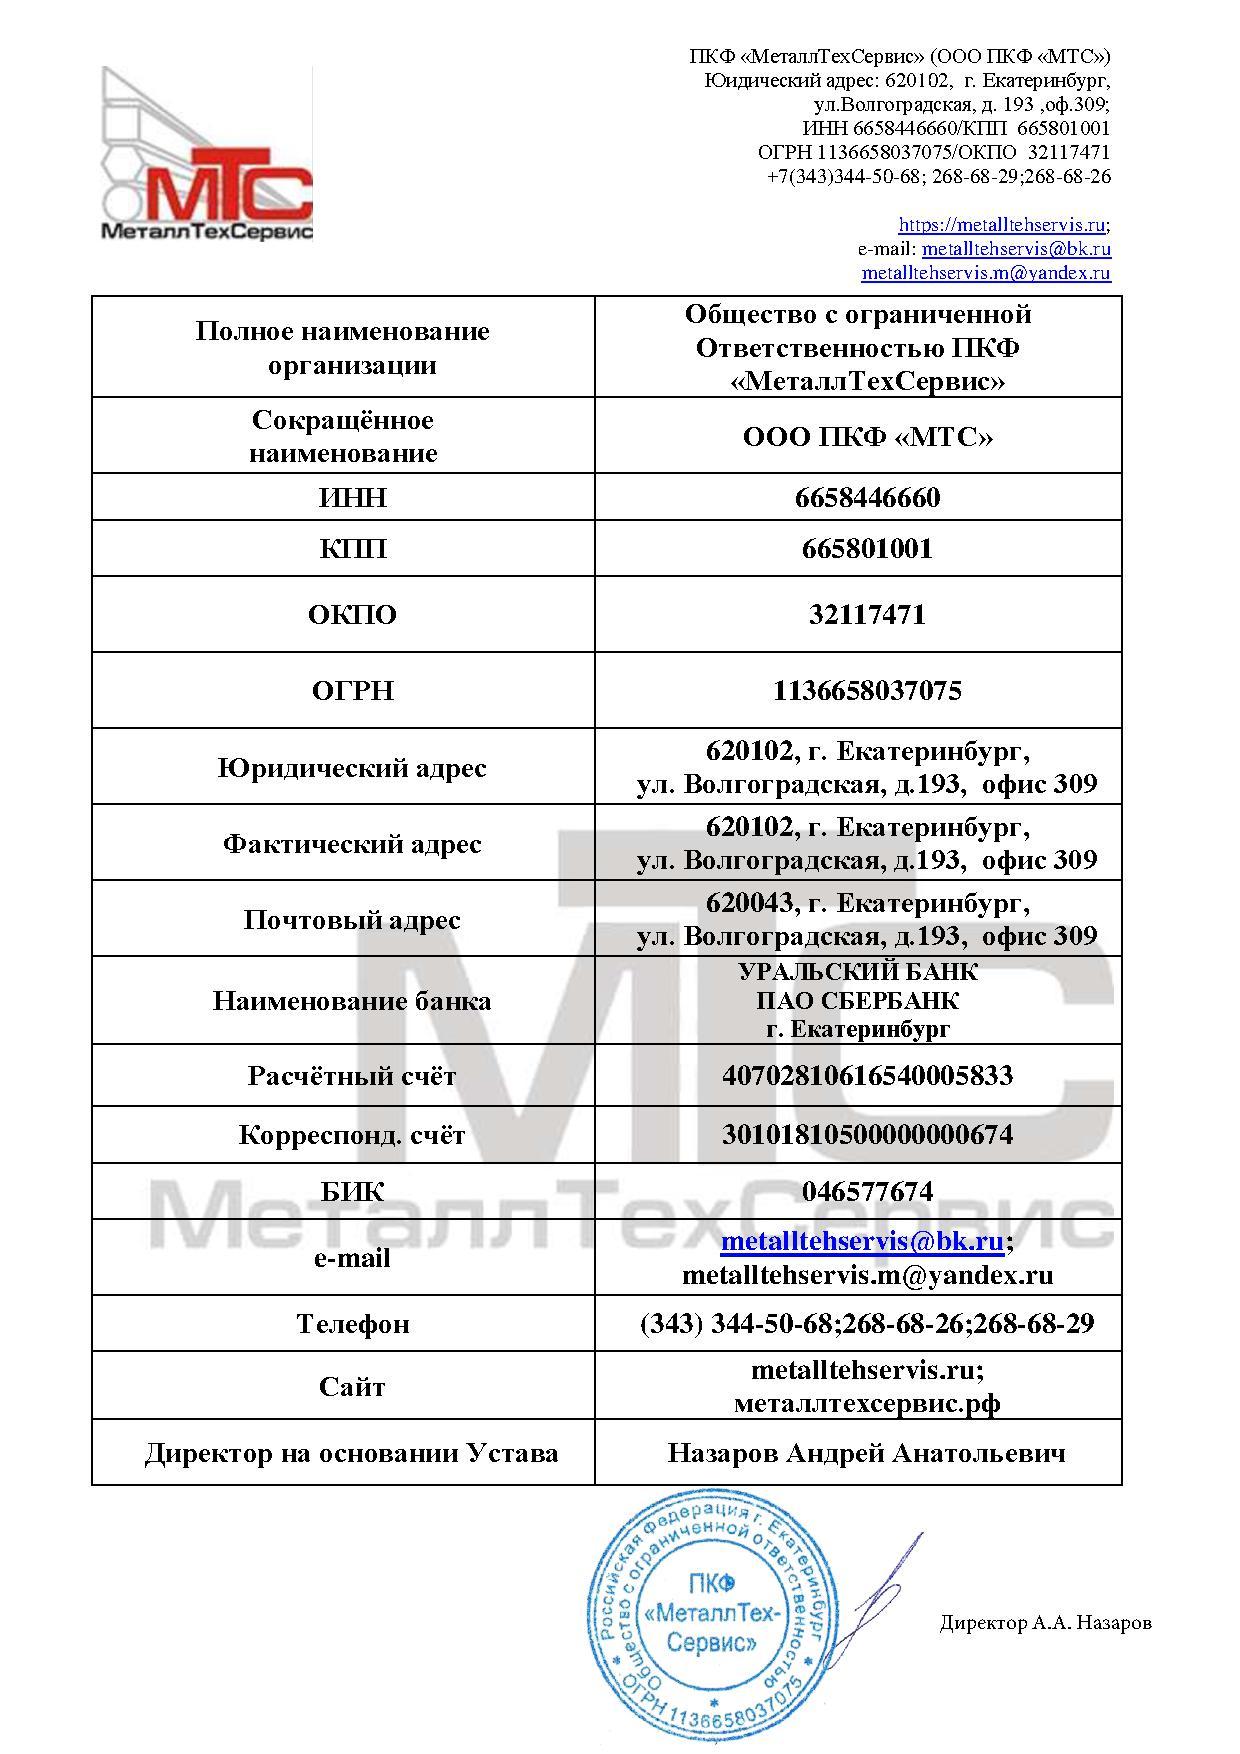 Карточка предприятия ООО ПКФ МТС